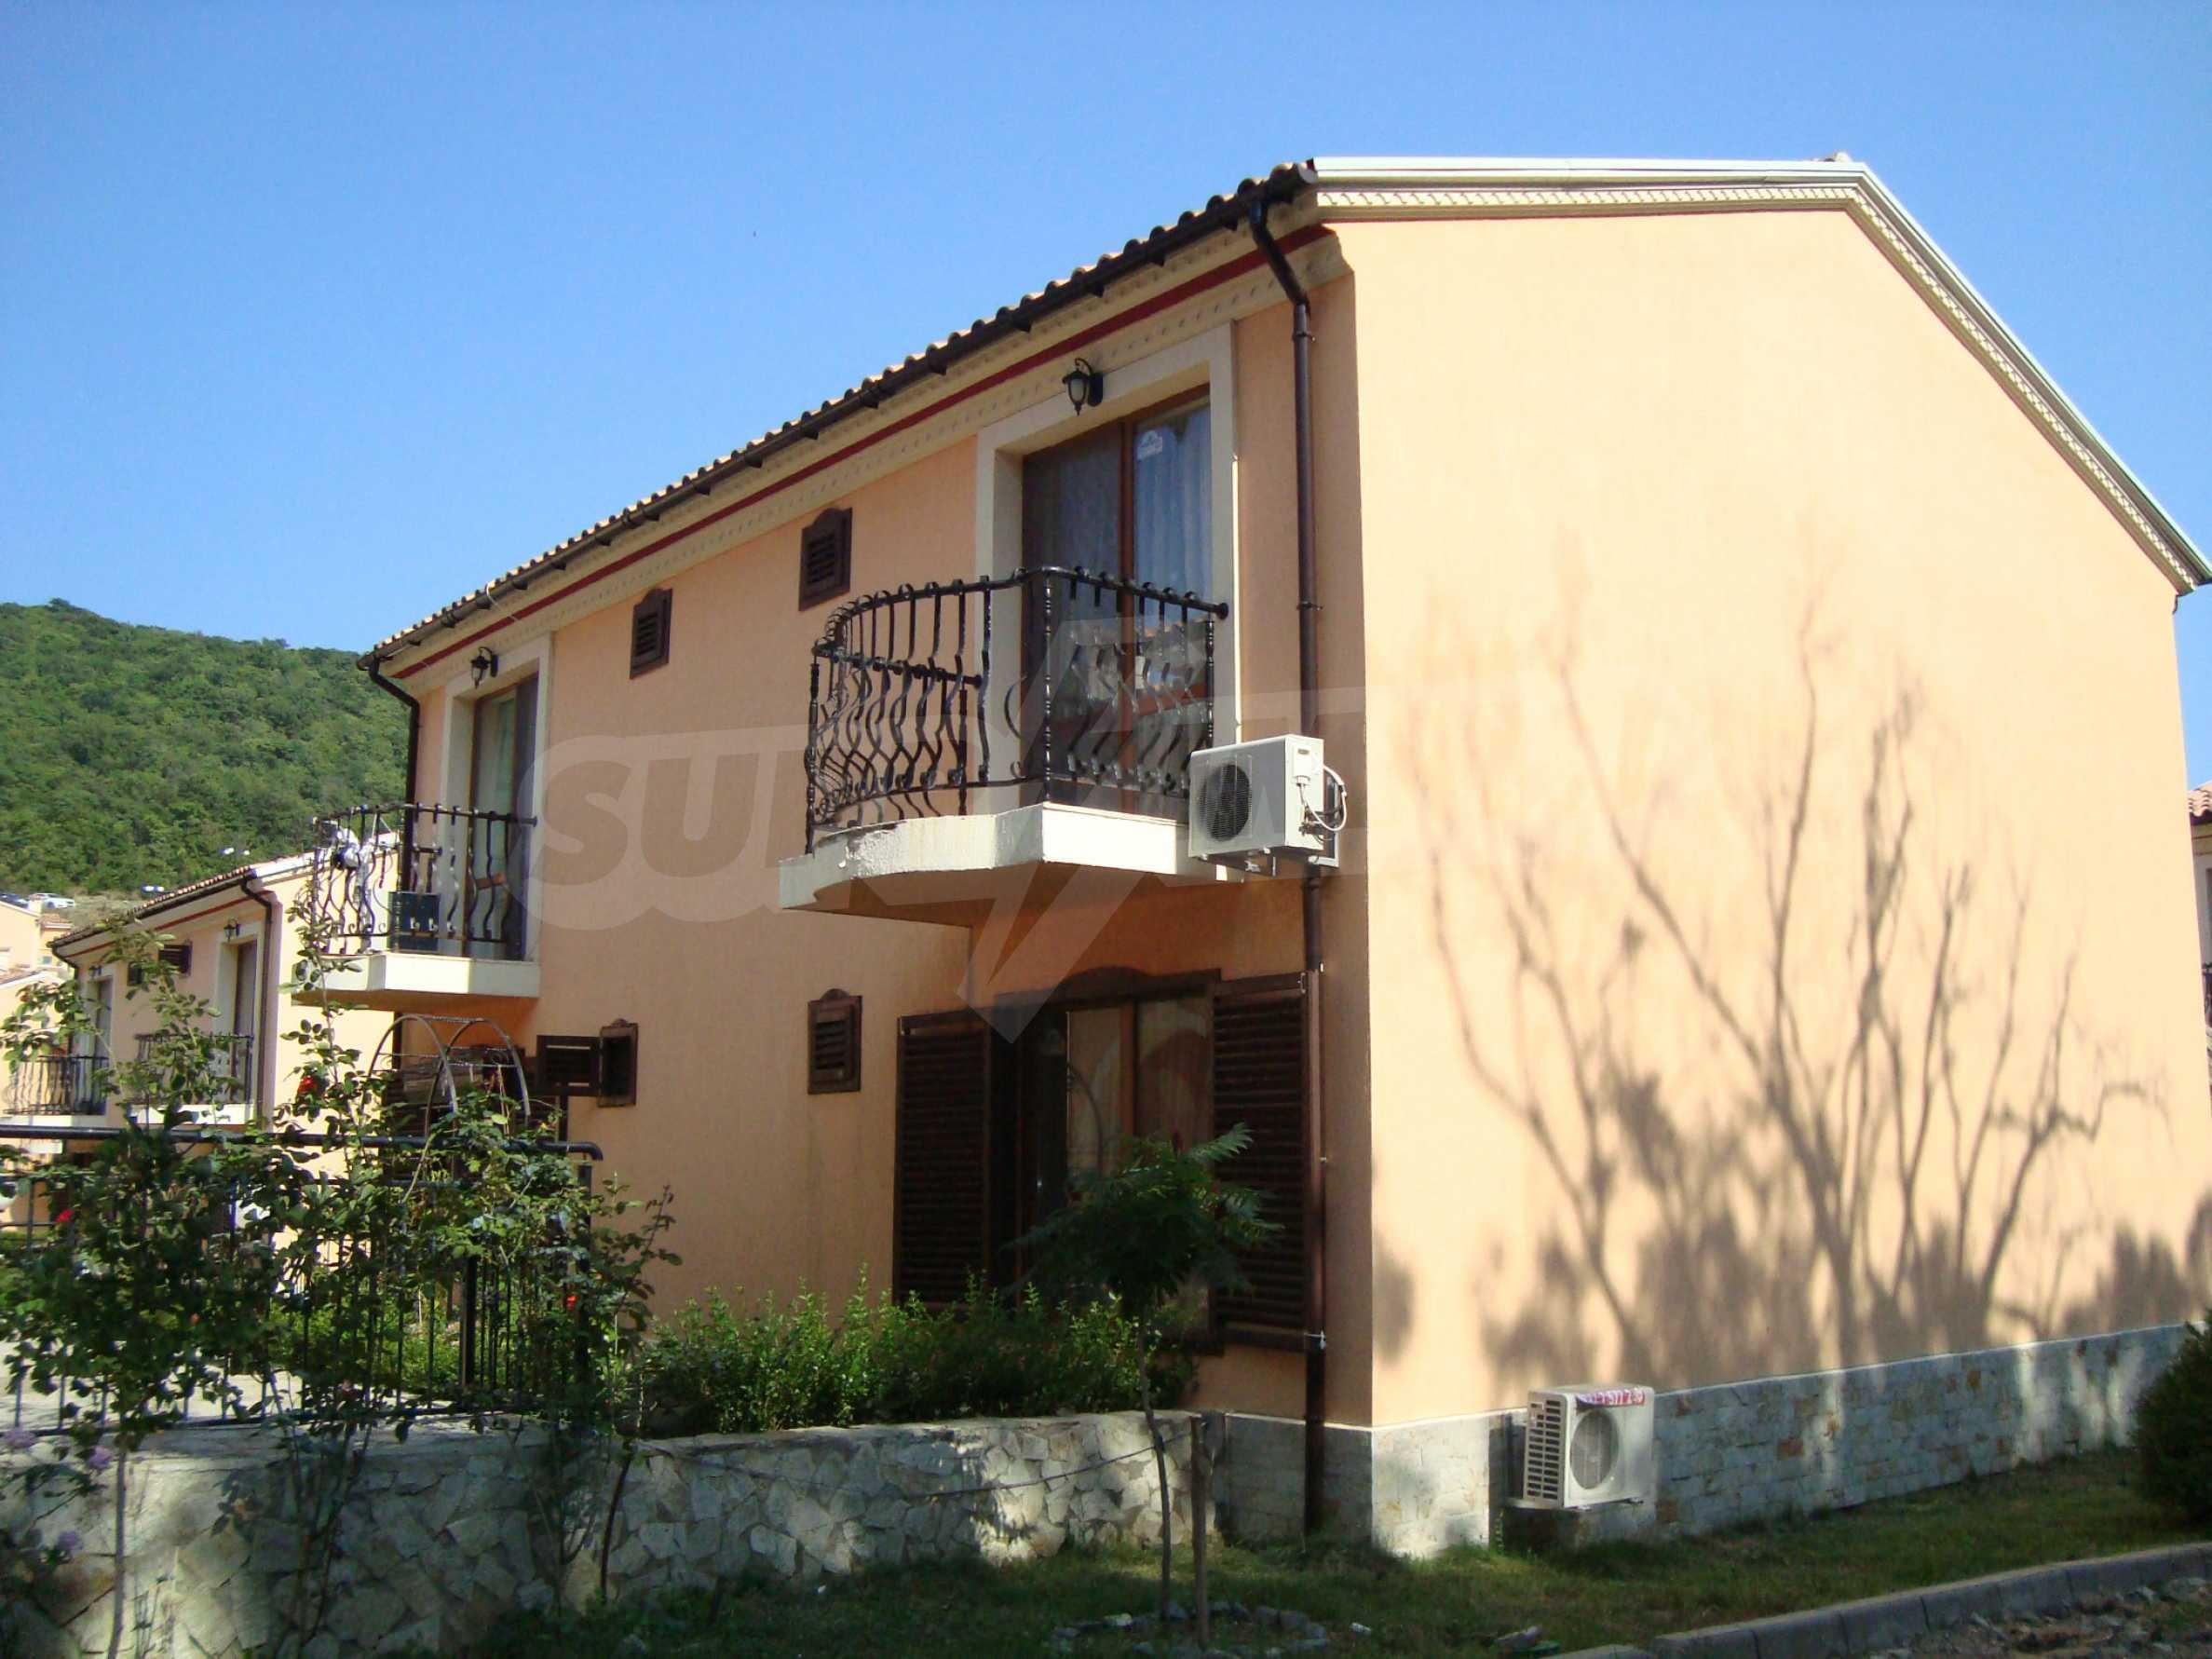 2-stöckige Villa zum Verkauf in Elenite Feriendorf, 1